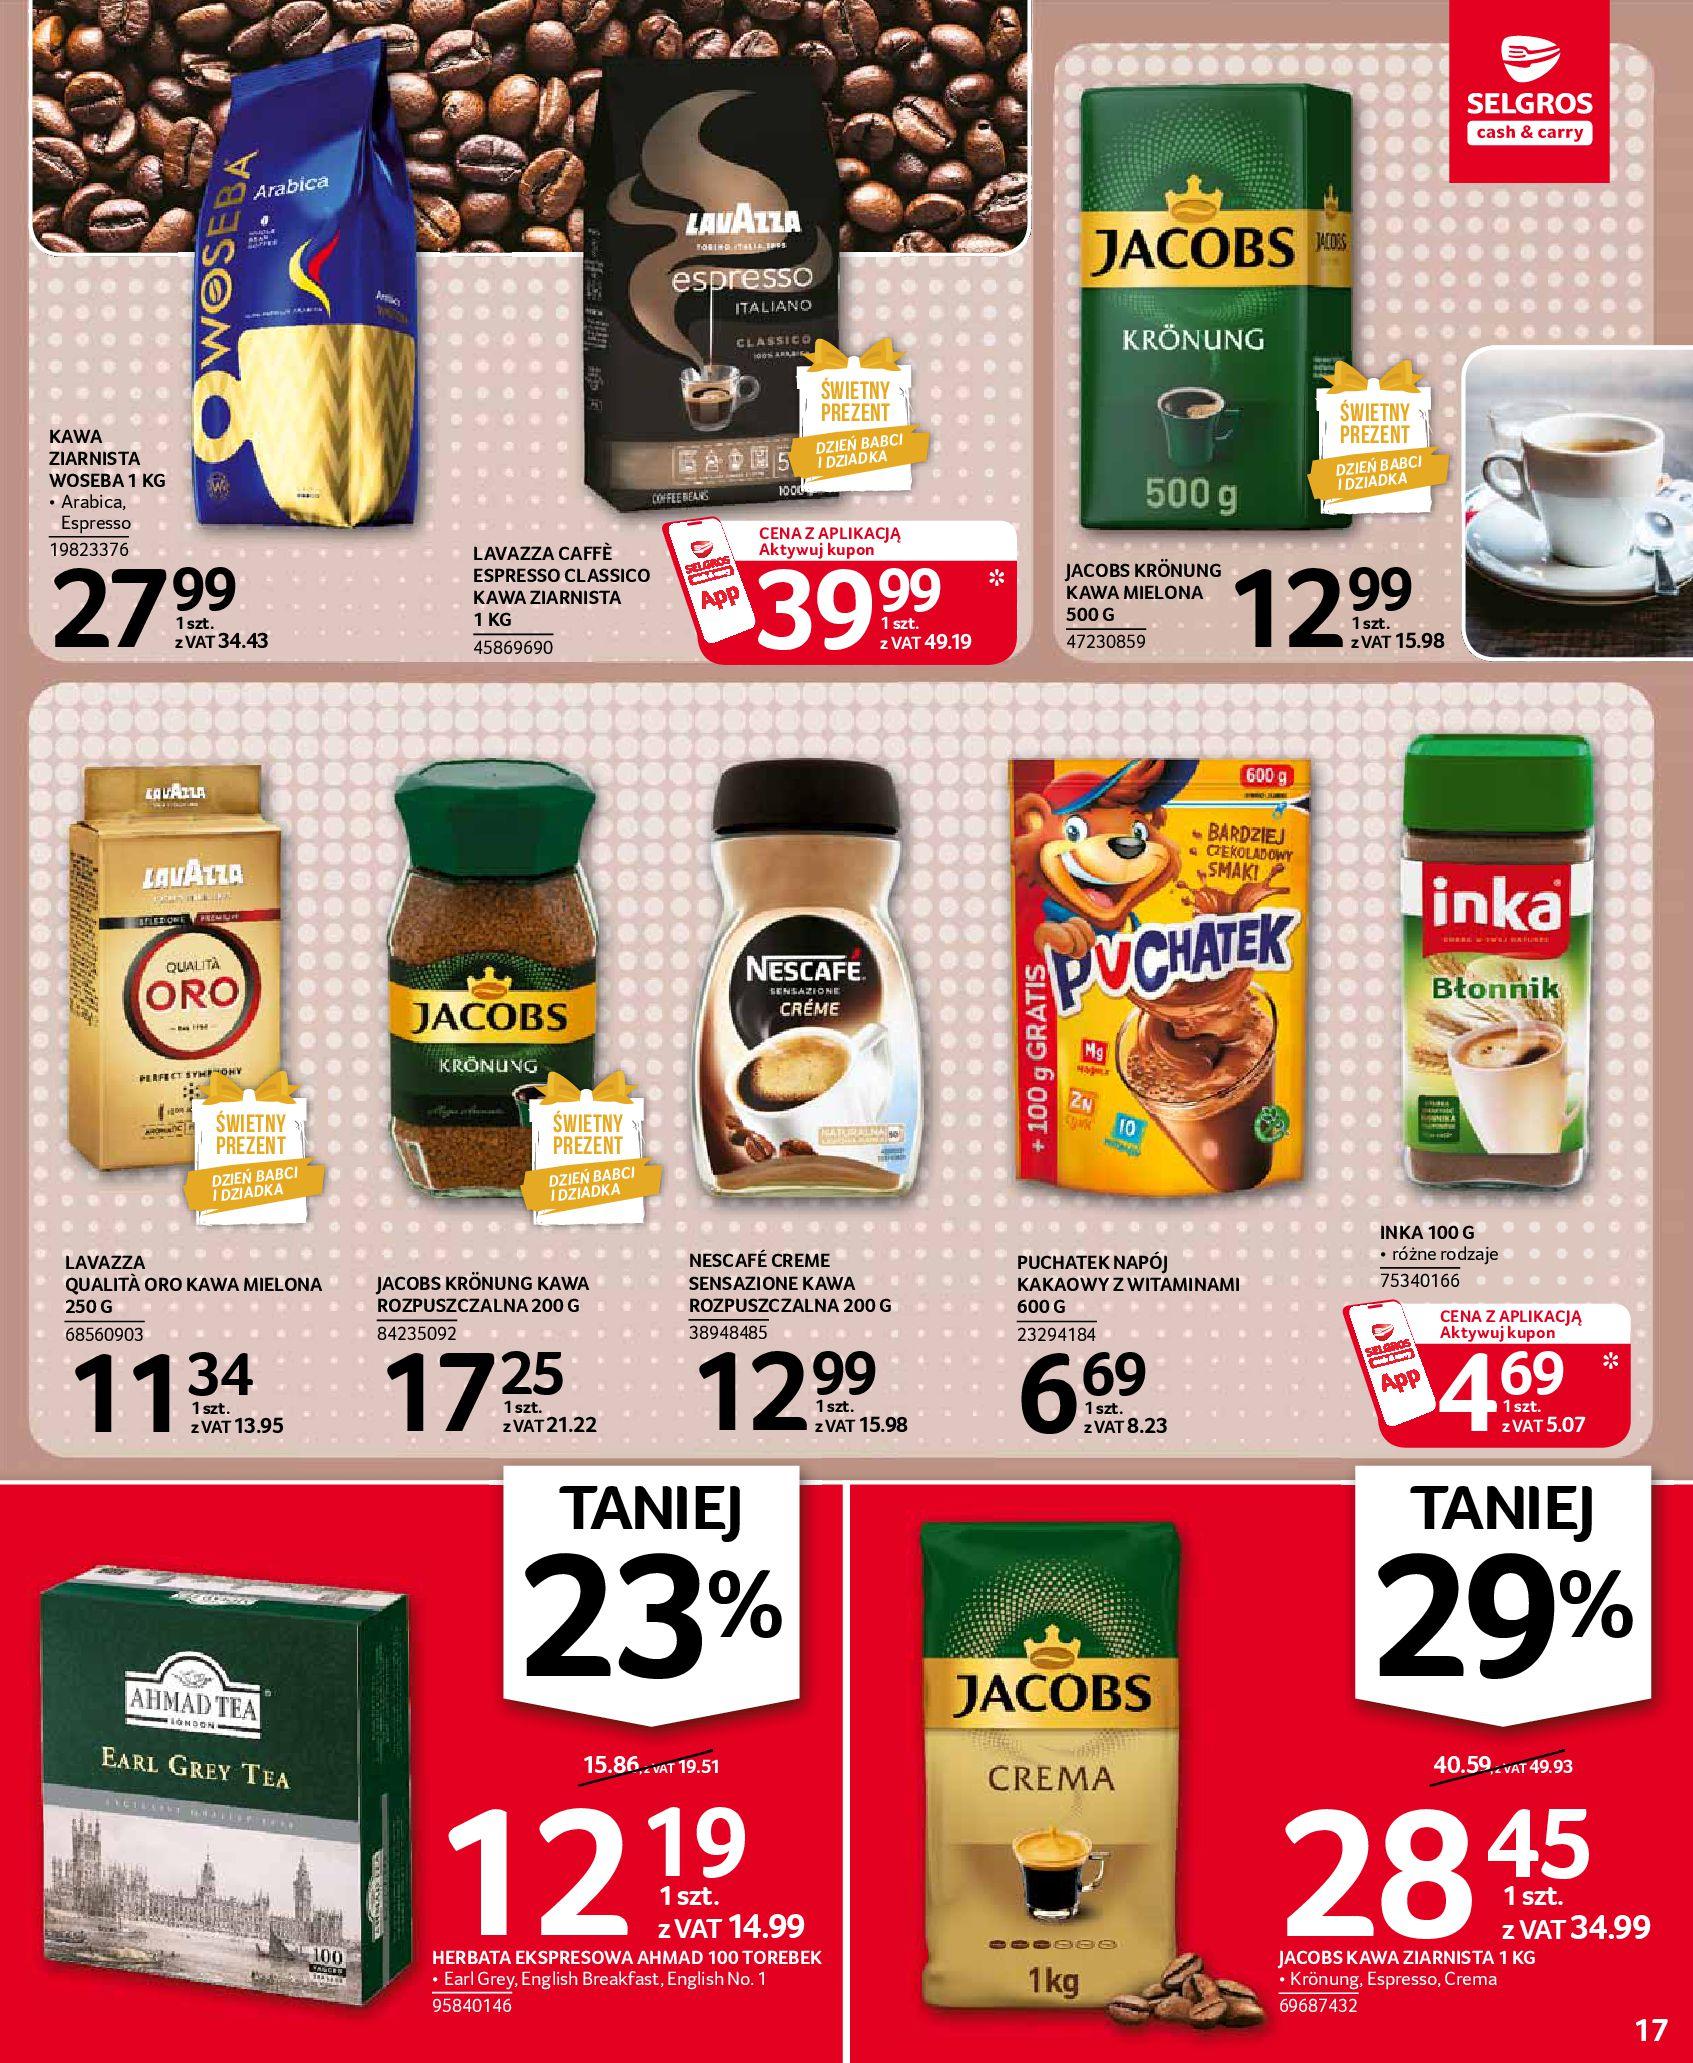 Gazetka Selgros: Oferta spożywcza 2021-01-07 page-17